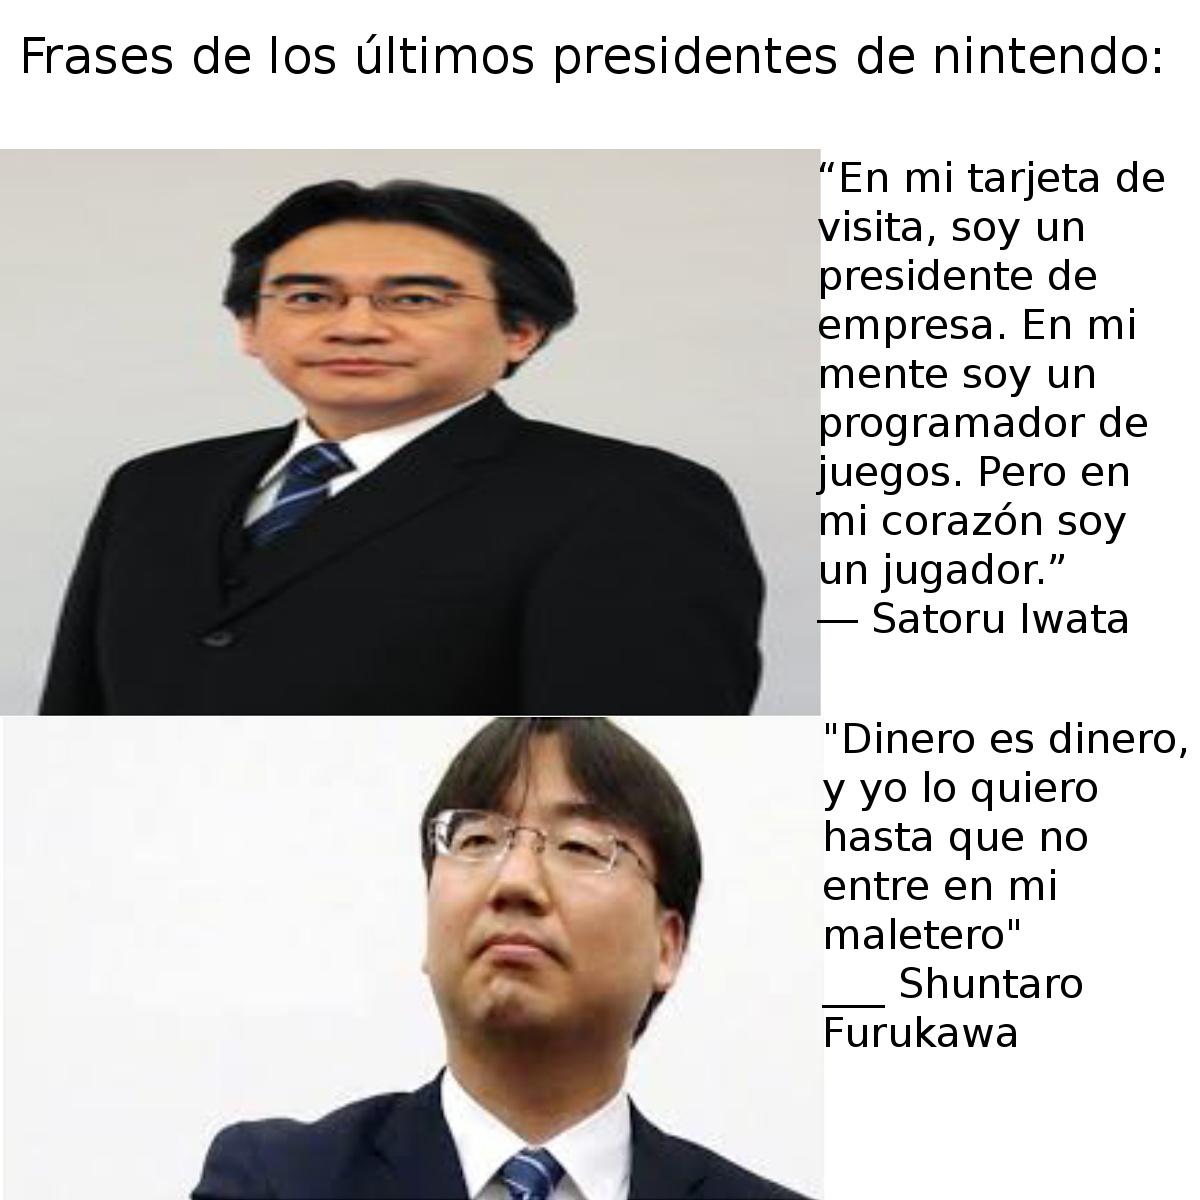 Satoru Iwata, el genio que nos dio una de las mejores generaciones de videojuegos. Shuntaro Furukawa: El weon que nos hace pagar 60 dolares por unos ports de juegos de la prehistoria - meme